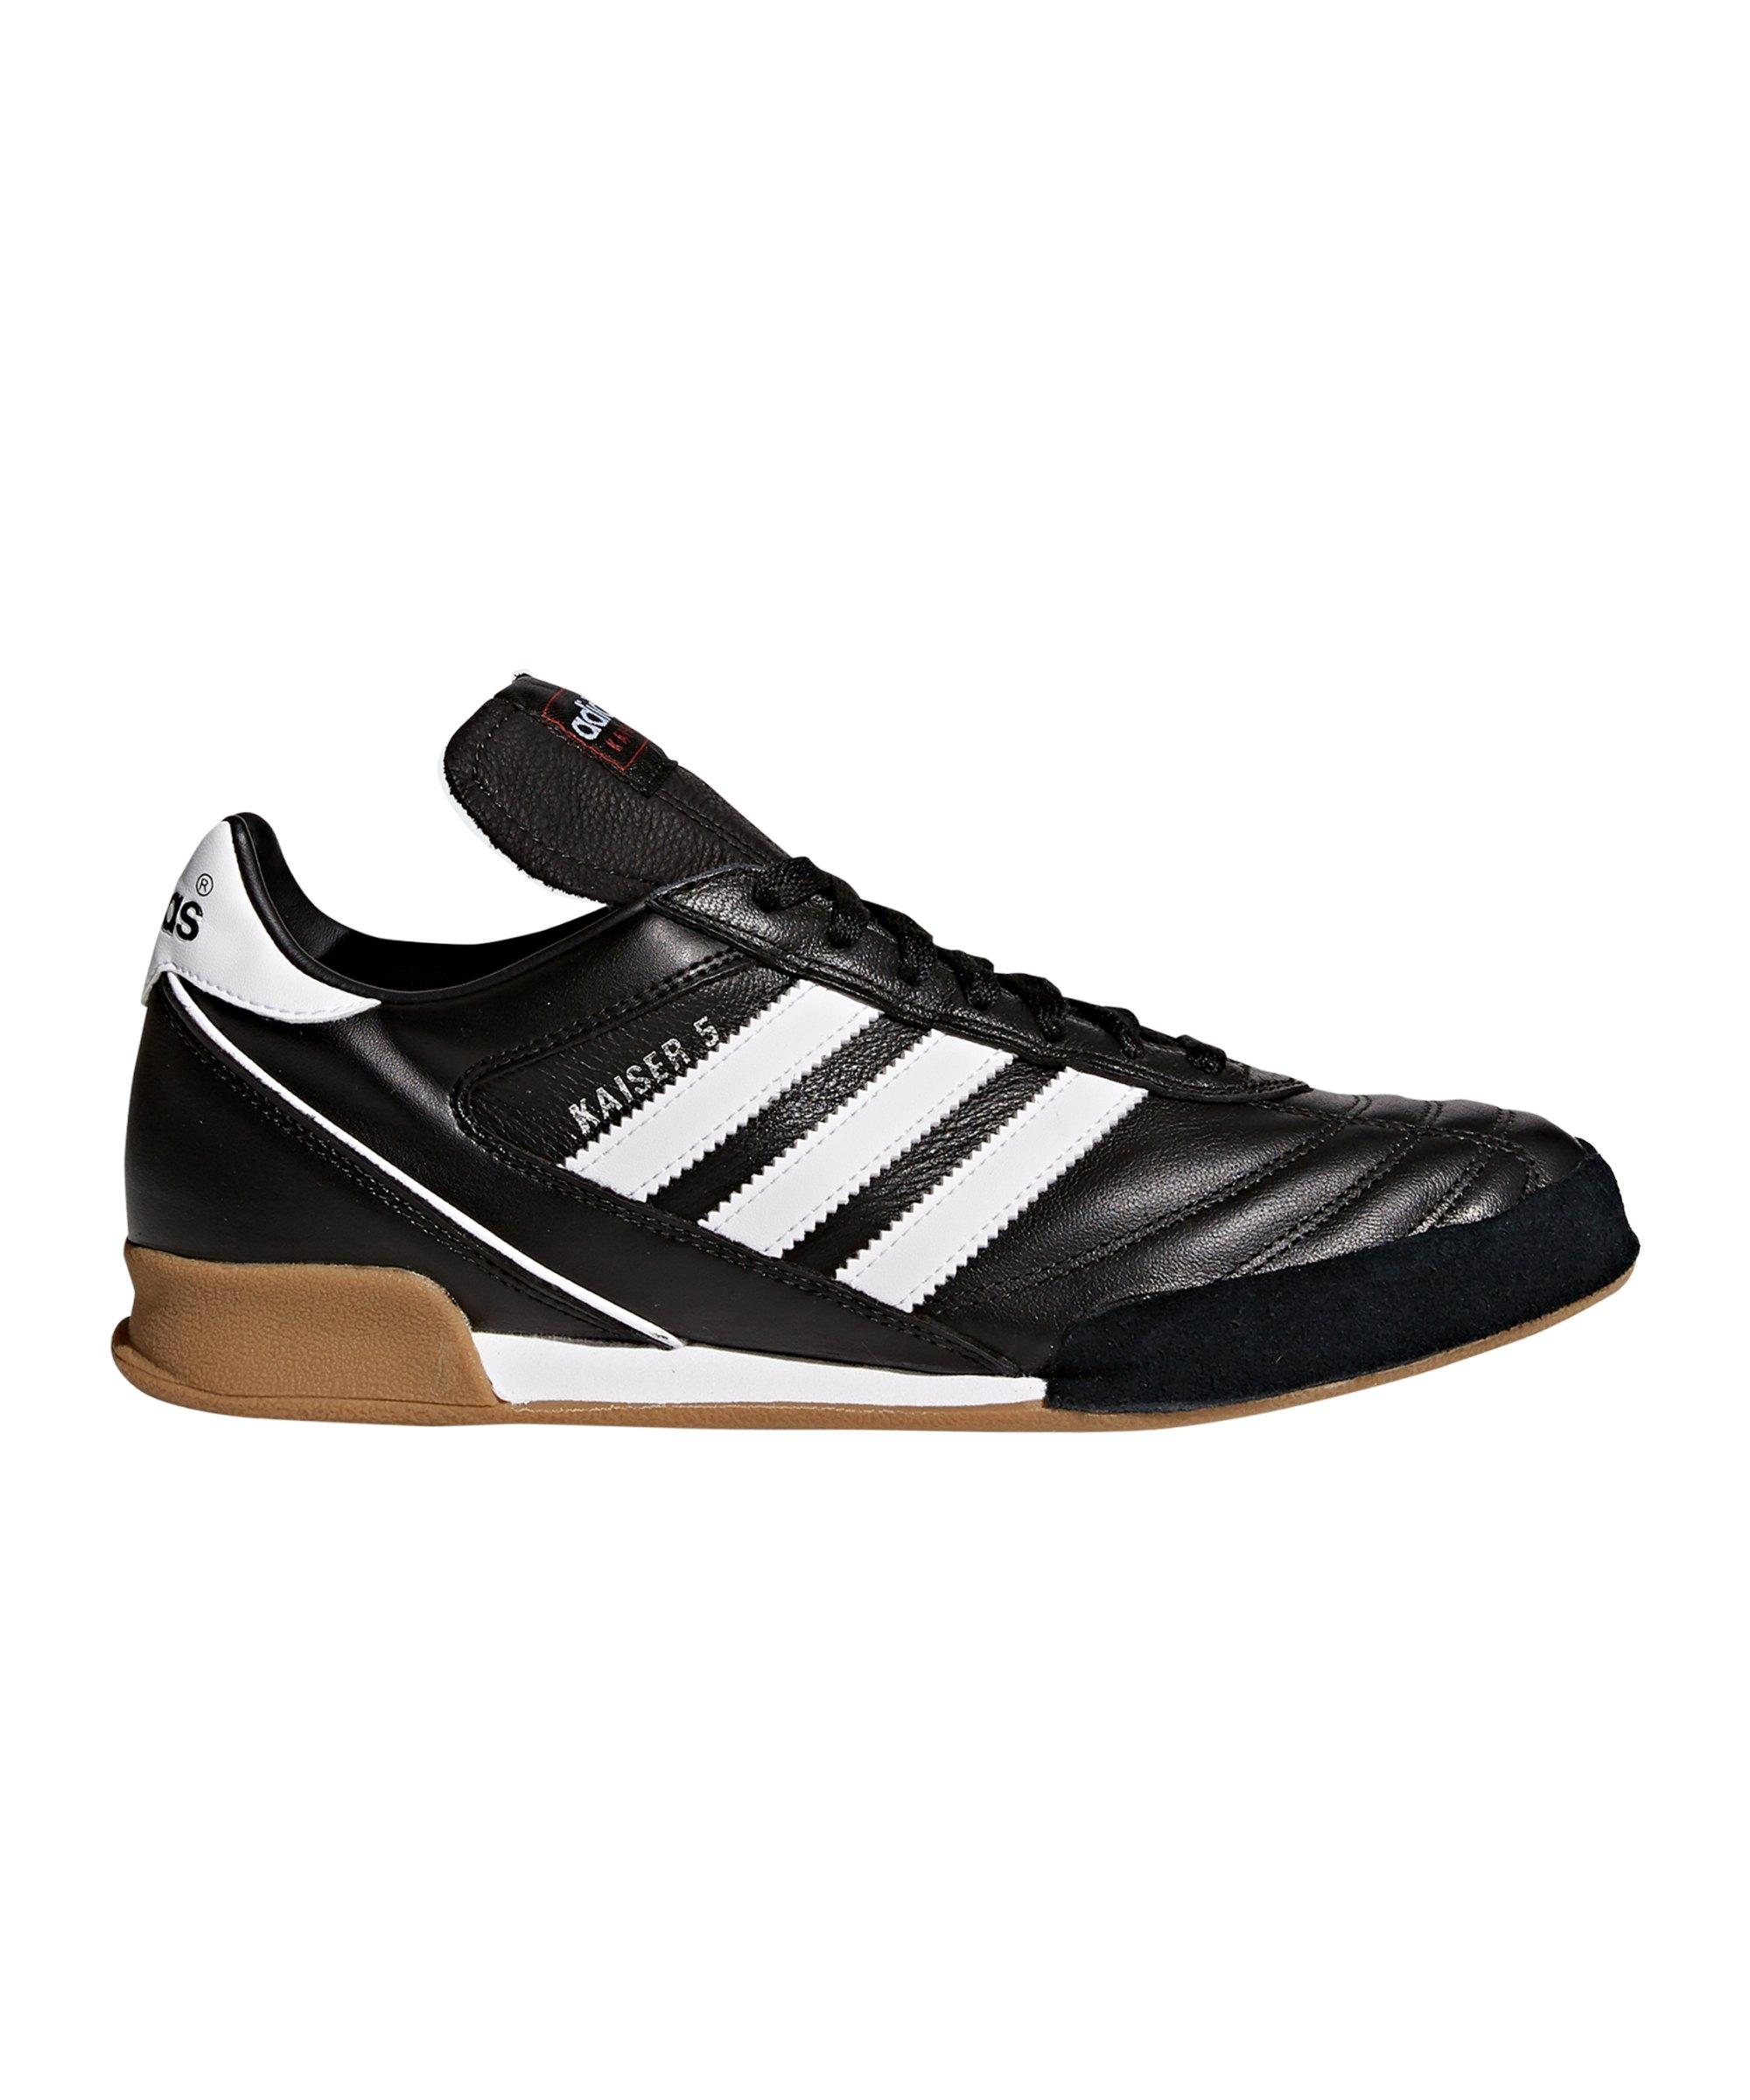 adidas Halle Kaiser 5 Goal Schwarz Weiss - schwarz